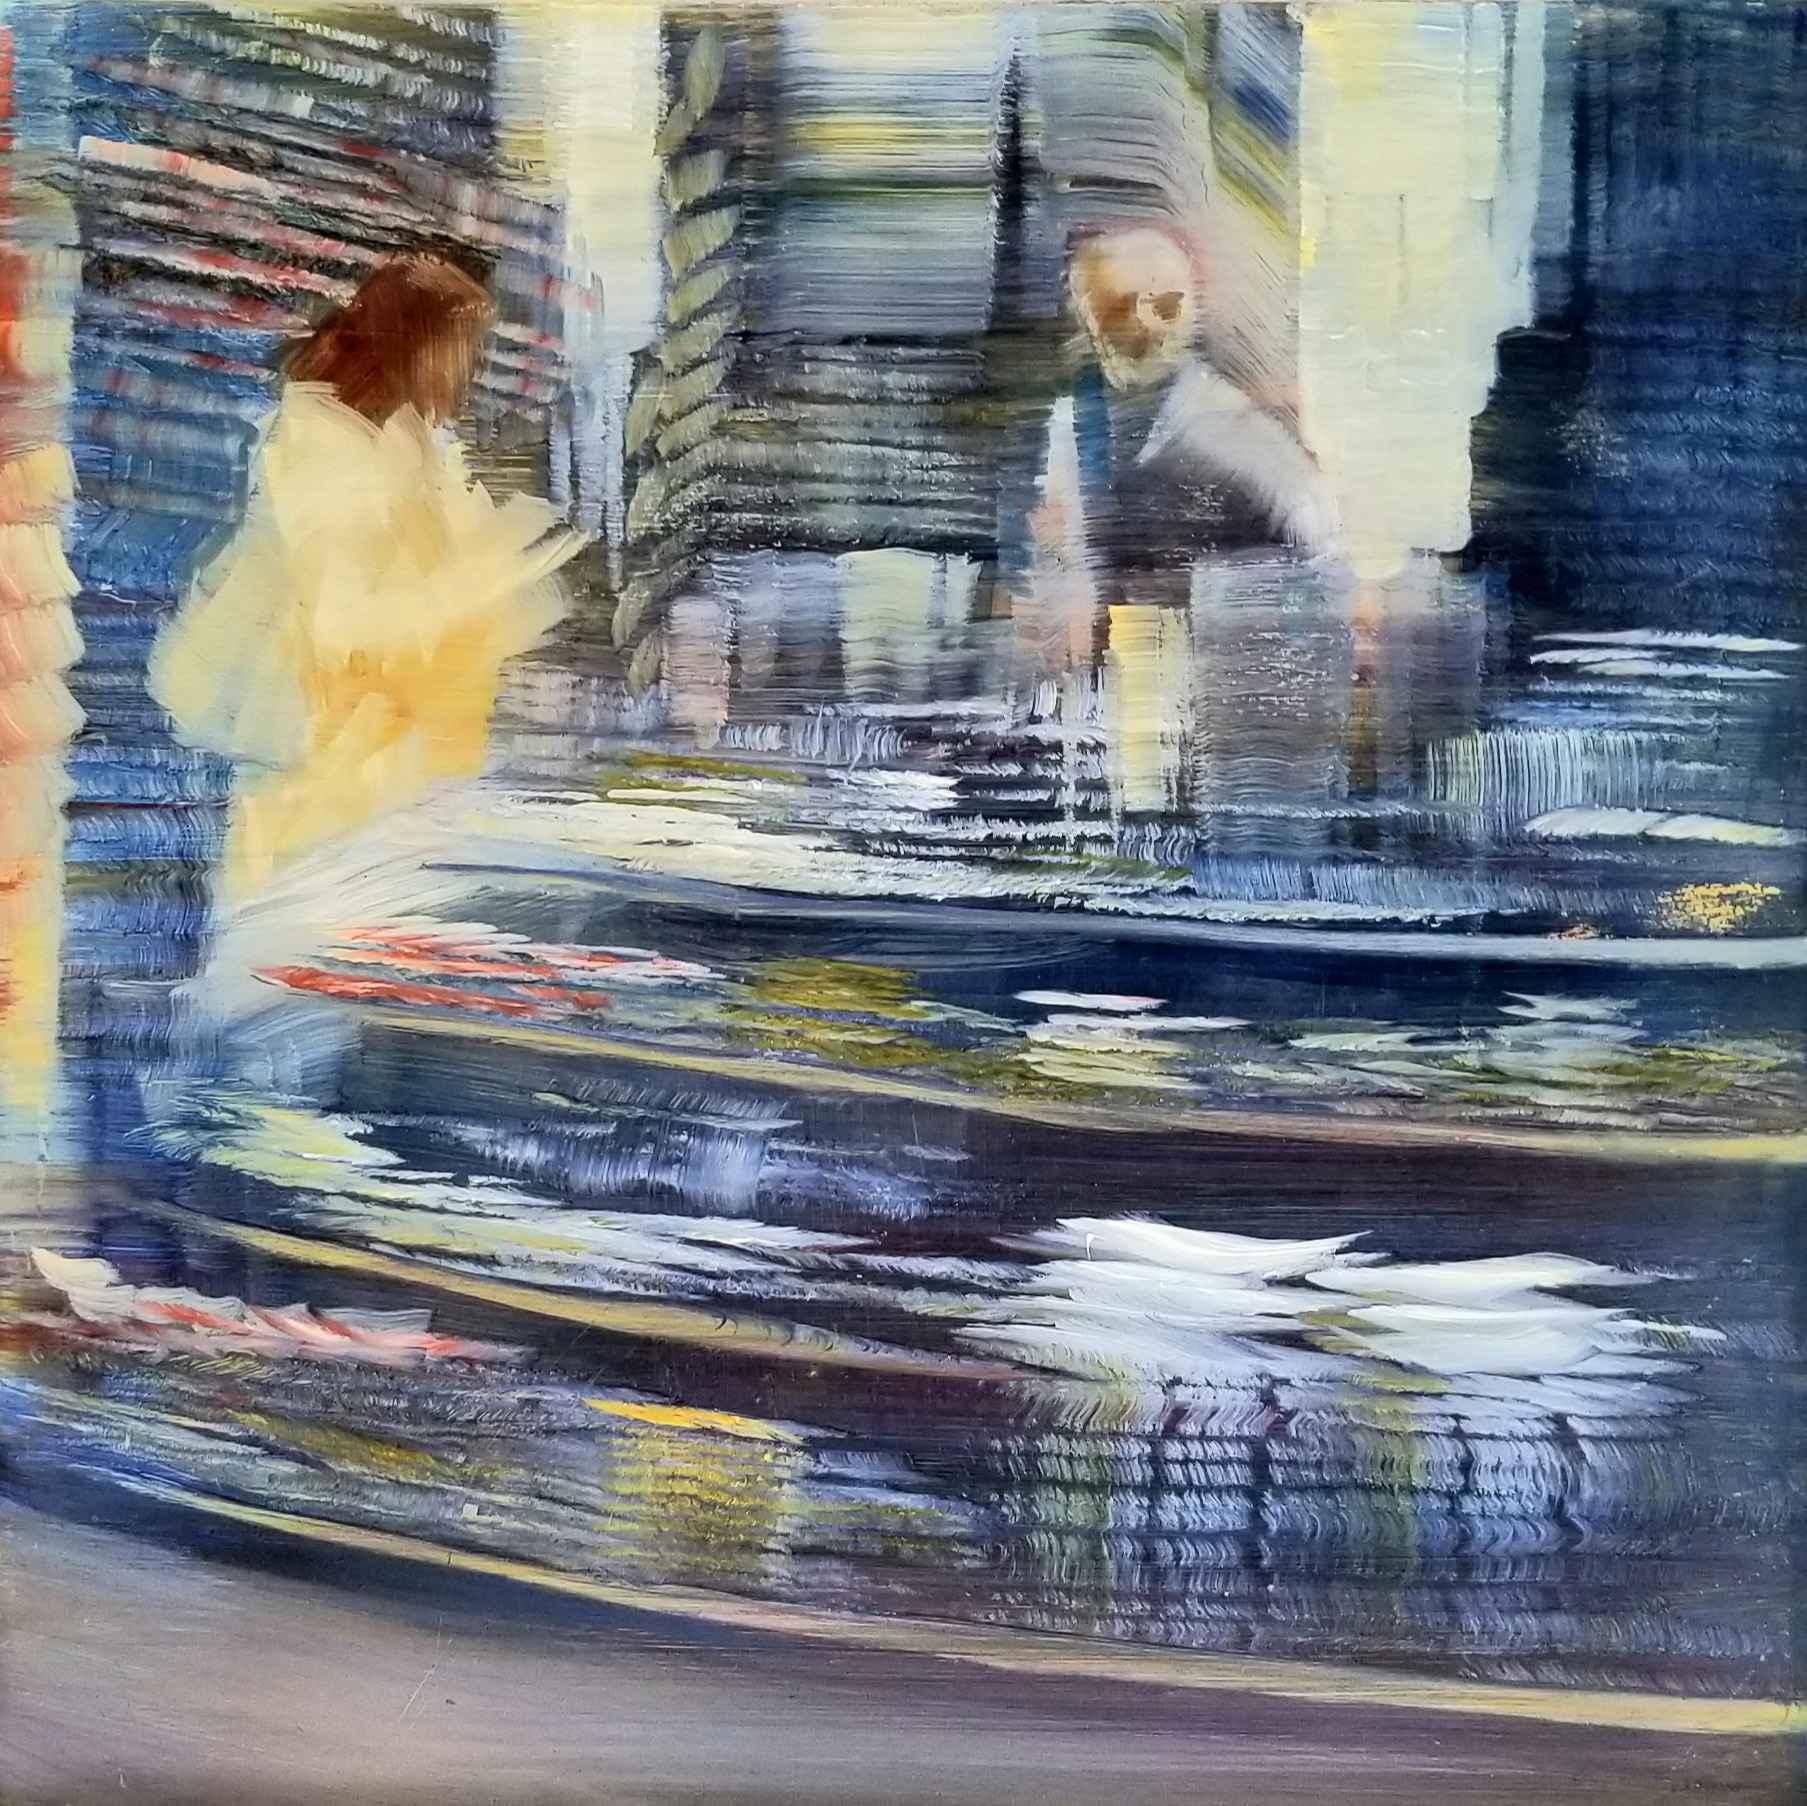 Newsstand in Blue by  David Dunlop - Masterpiece Online